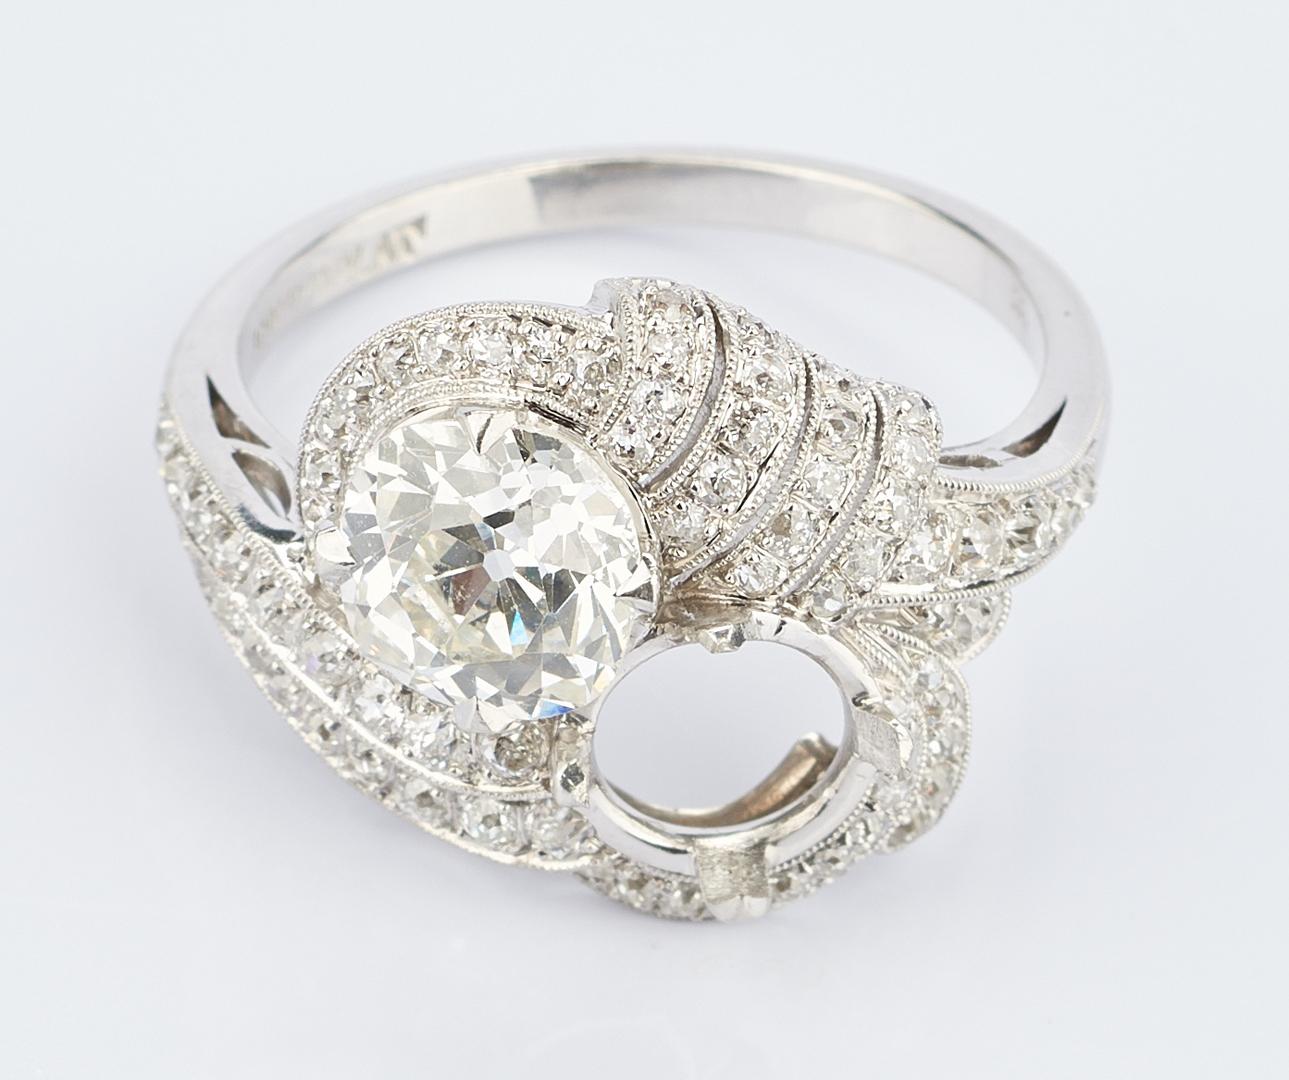 Lot 217: Ladies Platinum Diamond Ring, 1.8 Carats